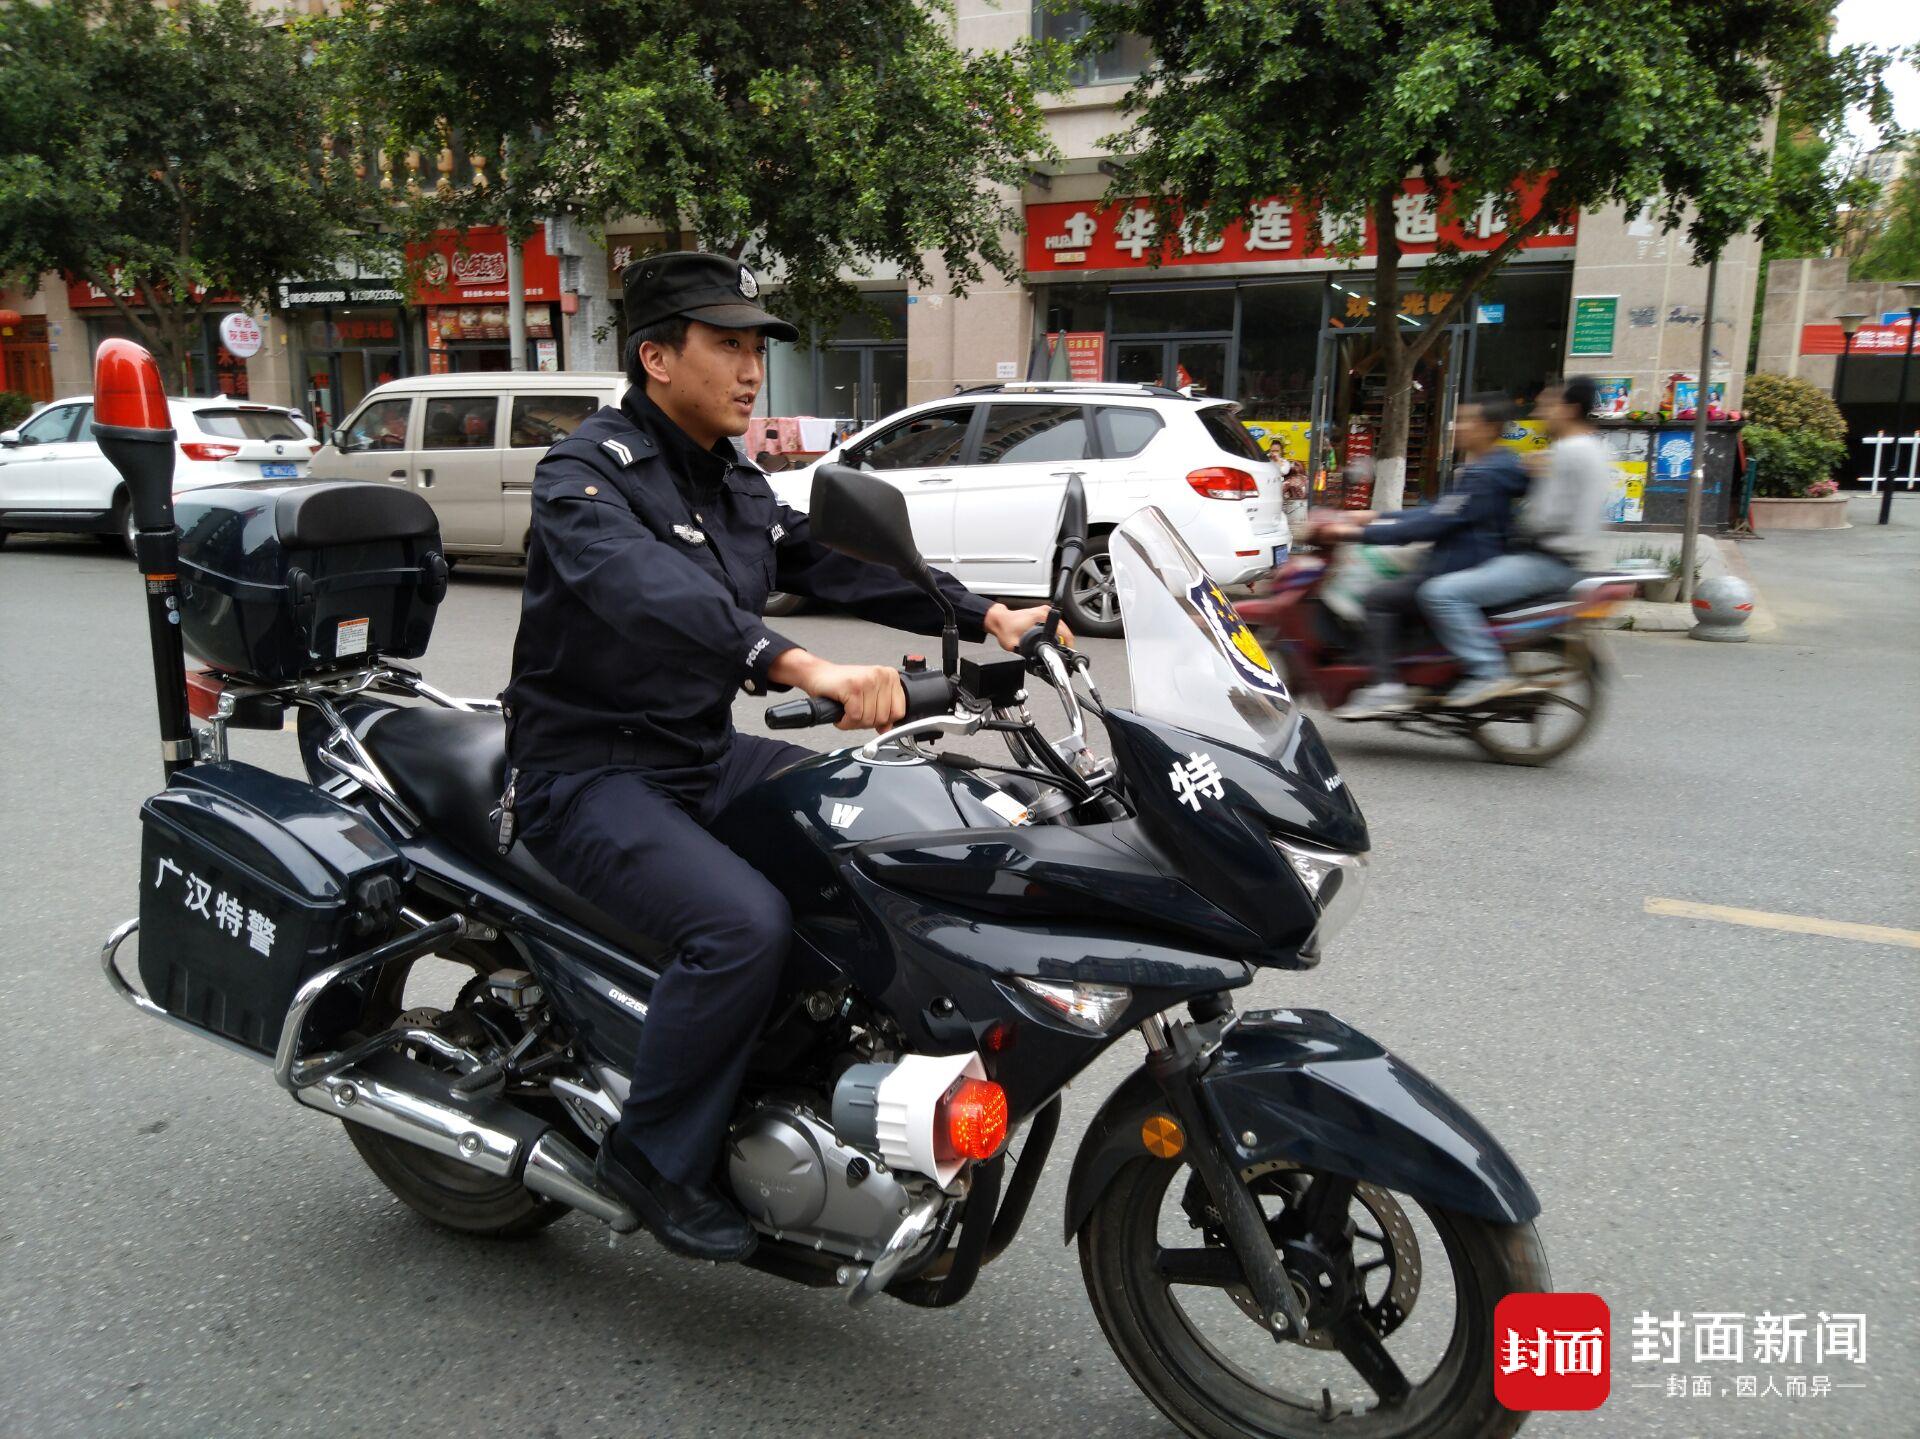 巡警累瘫照走红 不少网友则在微博评论中表达爱慕之心